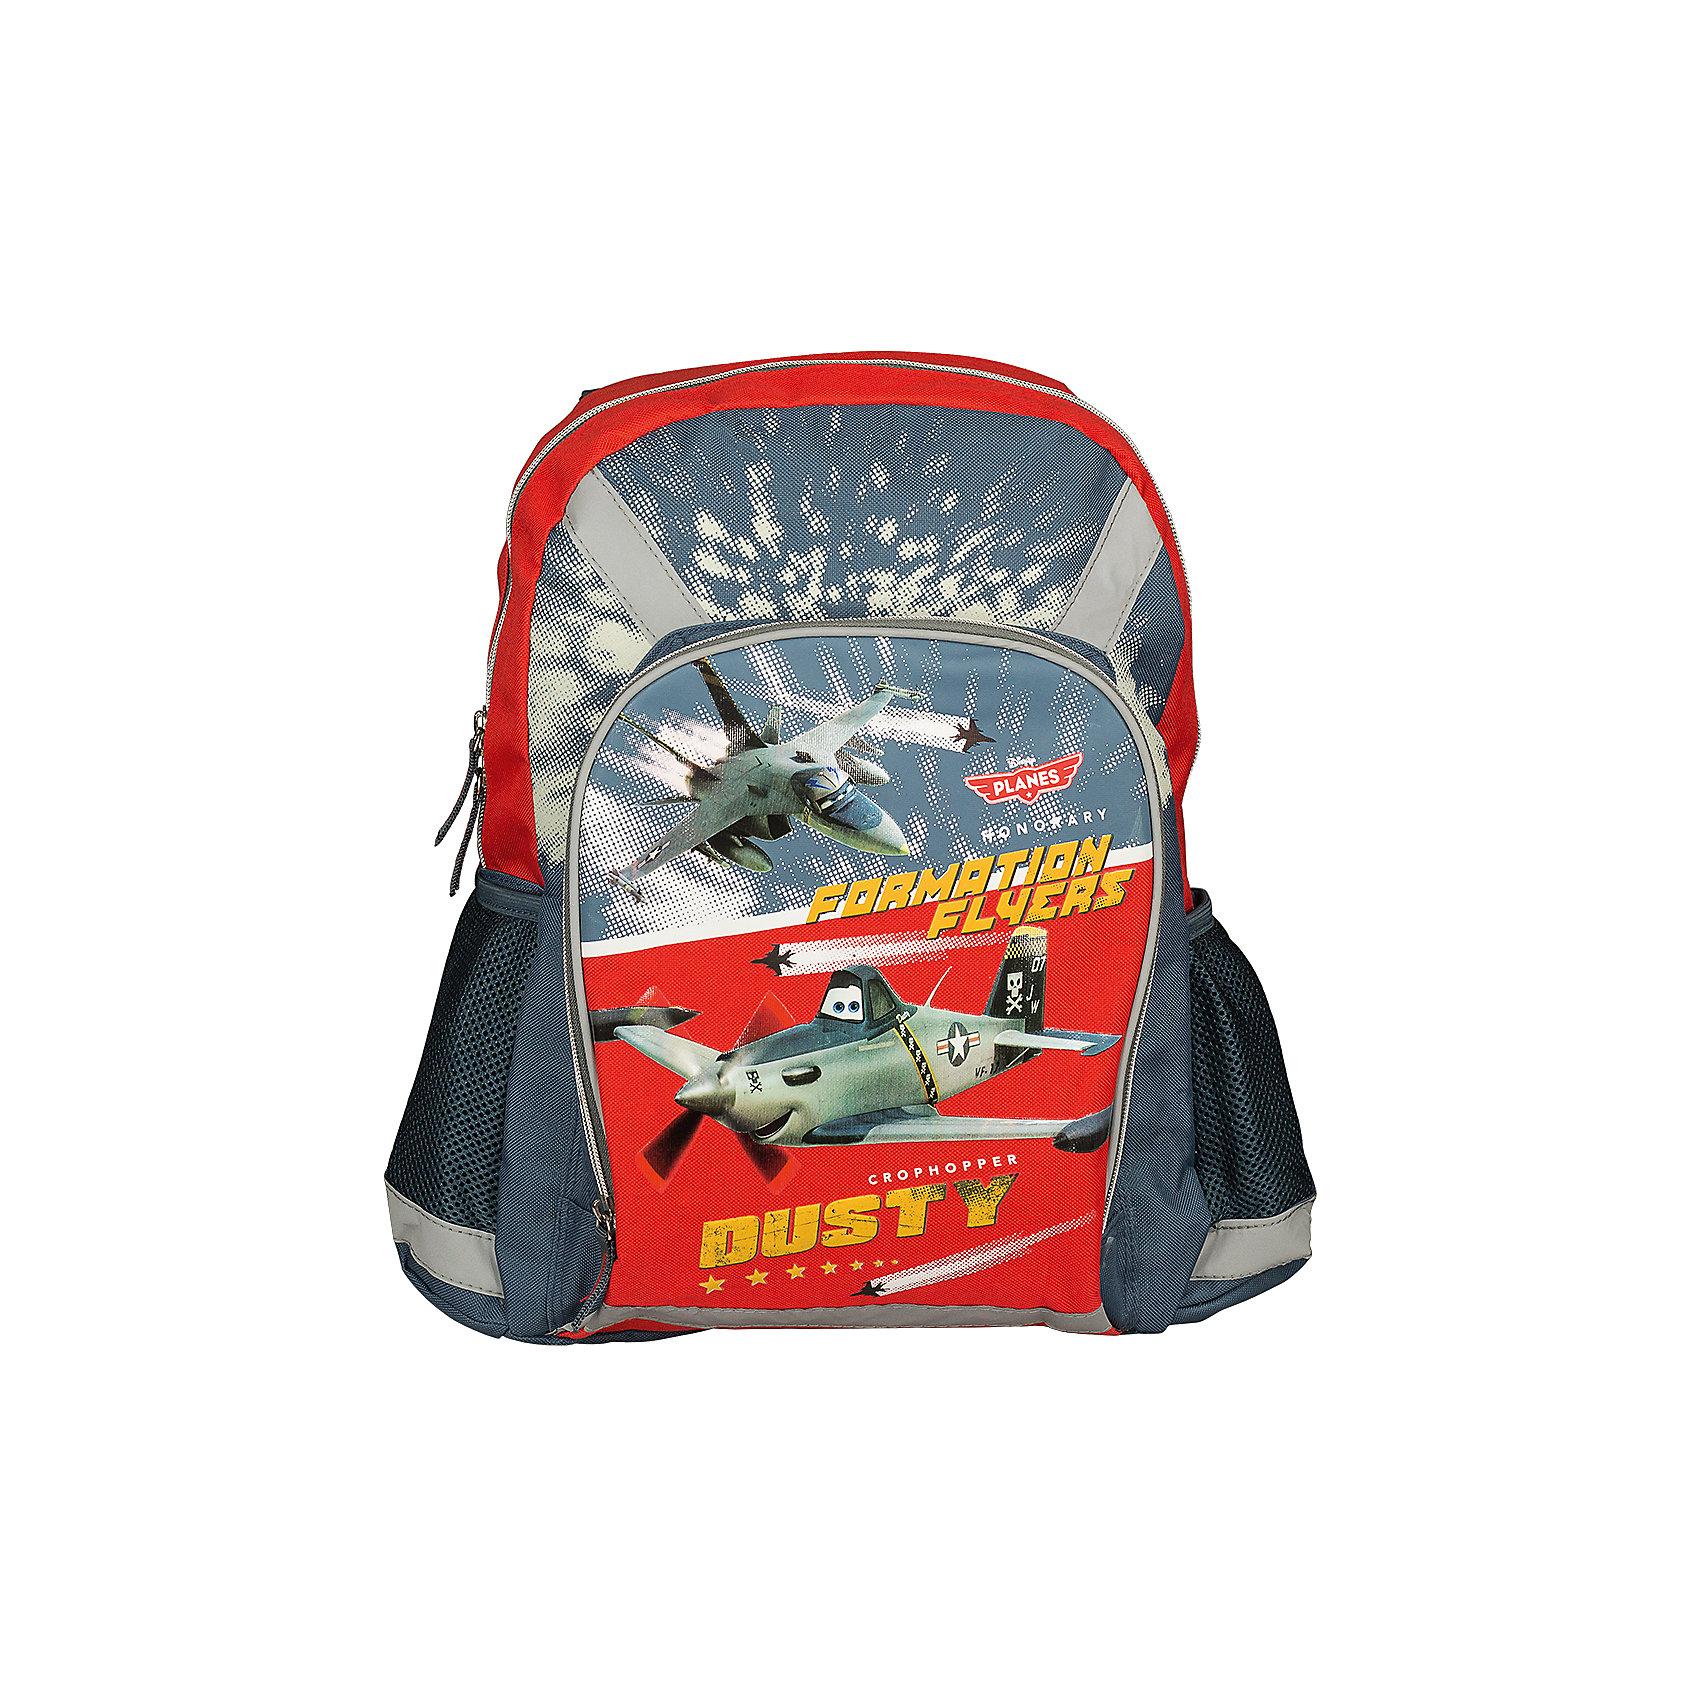 Школьный рюкзак с мягкой спинкой, СамолетыСамолеты<br>Рюкзак, мягкая спинка, Самолеты – прекрасный подарок вашему ребенку, фанату анимационного фильма Planes (Самолеты).<br>В такой рюкзачок поместятся книги, тетради, предметы школьной канцелярии, а также разные мелочи для личного пользования. Изюминкой этой модели является оригинальный принт, выполненный по мотивам анимационного фильма Planes (Самолеты). Спинка рюкзака, обтянута «дышащей» сетчатой тканью, которая выступает в роли вентиляционной системы. Она обеспечивает хорошую проницаемость и циркуляцию воздуха между задней стенкой и спиной ребенка. Лямки регулируются в зависимости от роста ребенка. Сверху у рюкзака есть удобная ручка для переноски. Рюкзак имеет основное отделение, закрывающееся на застежку молнию, большой внешний карман на молнии, два боковых сетчатых кармашка. Рюкзак изготовлен из прочного материала, устойчивого к влаге и грязи.<br><br>Дополнительная информация:<br><br>- Вес: 579 гр.<br>- Размер: 40х30х13 см.<br>- Материал: полиэстер<br><br>Рюкзак, мягкая спинка, Самолеты - теперь ваш ребенок не забудет взять с собой письменные принадлежности и тетради!<br><br>Рюкзак, мягкая спинка, Самолеты можно купить в нашем интернет-магазине.<br><br>Ширина мм: 400<br>Глубина мм: 300<br>Высота мм: 130<br>Вес г: 579<br>Возраст от месяцев: 48<br>Возраст до месяцев: 84<br>Пол: Мужской<br>Возраст: Детский<br>SKU: 3563284